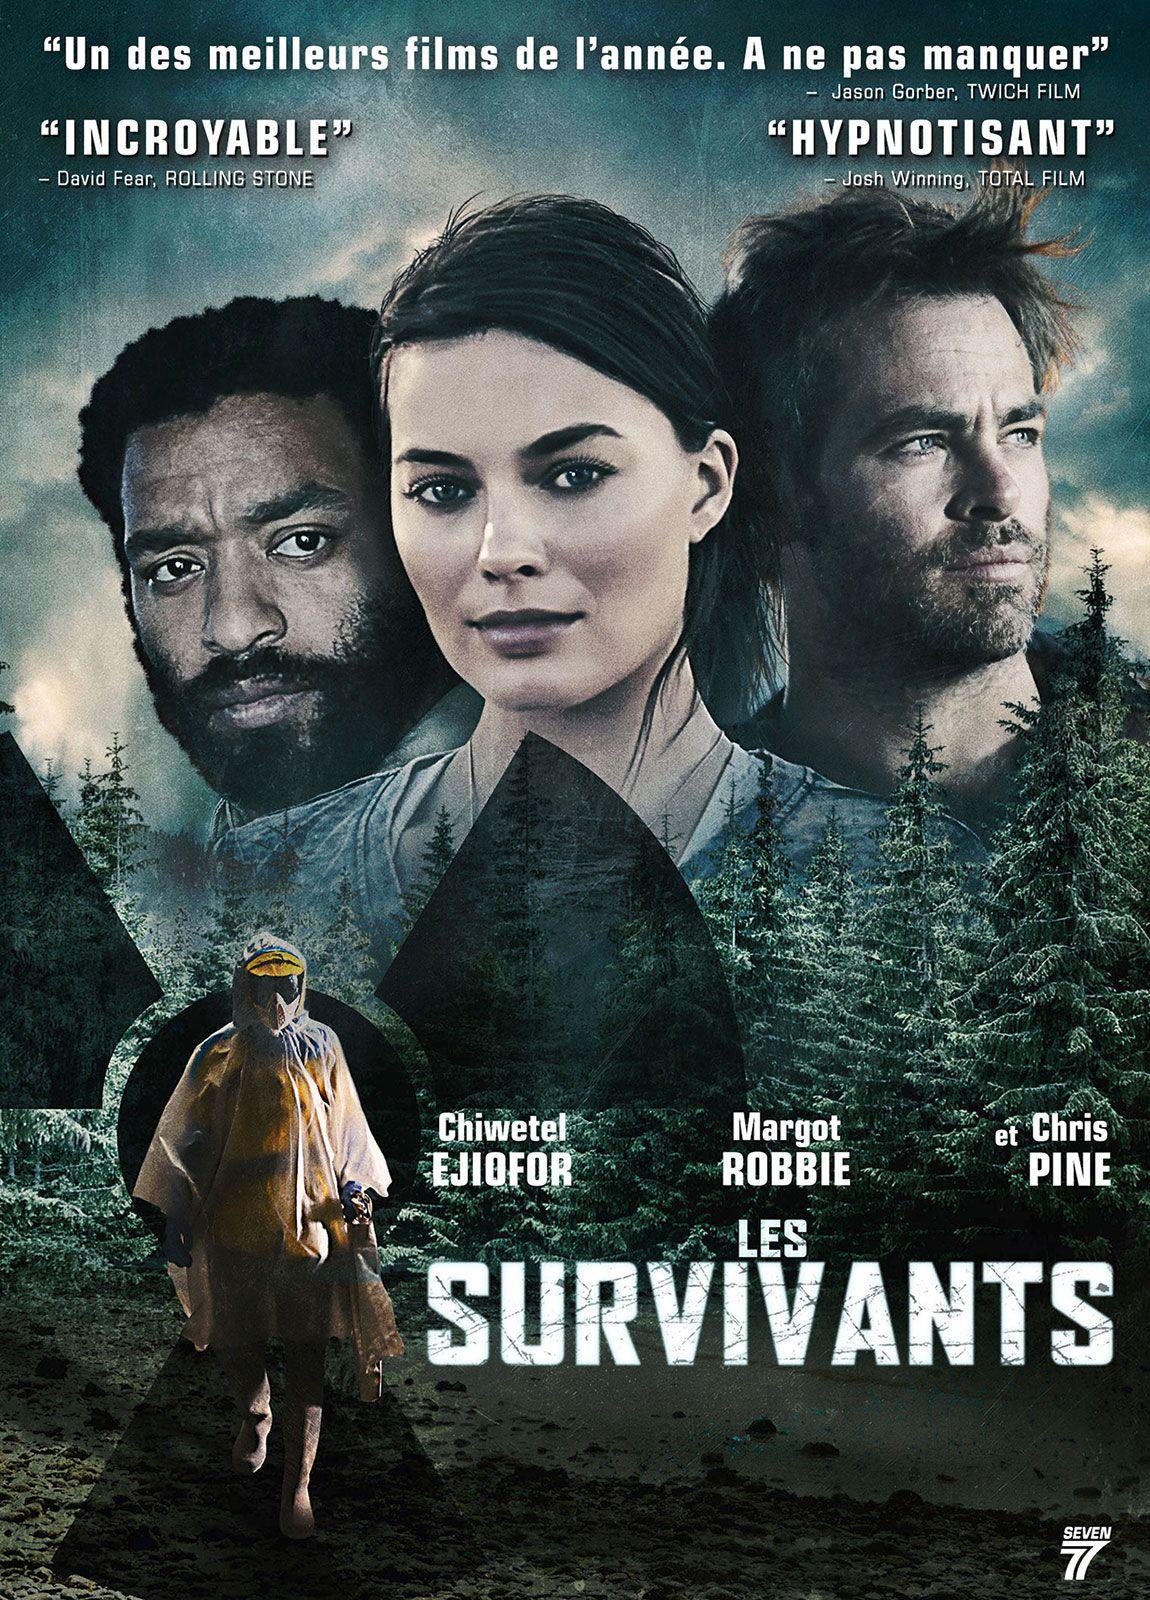 Les Survivants - Film (2015)